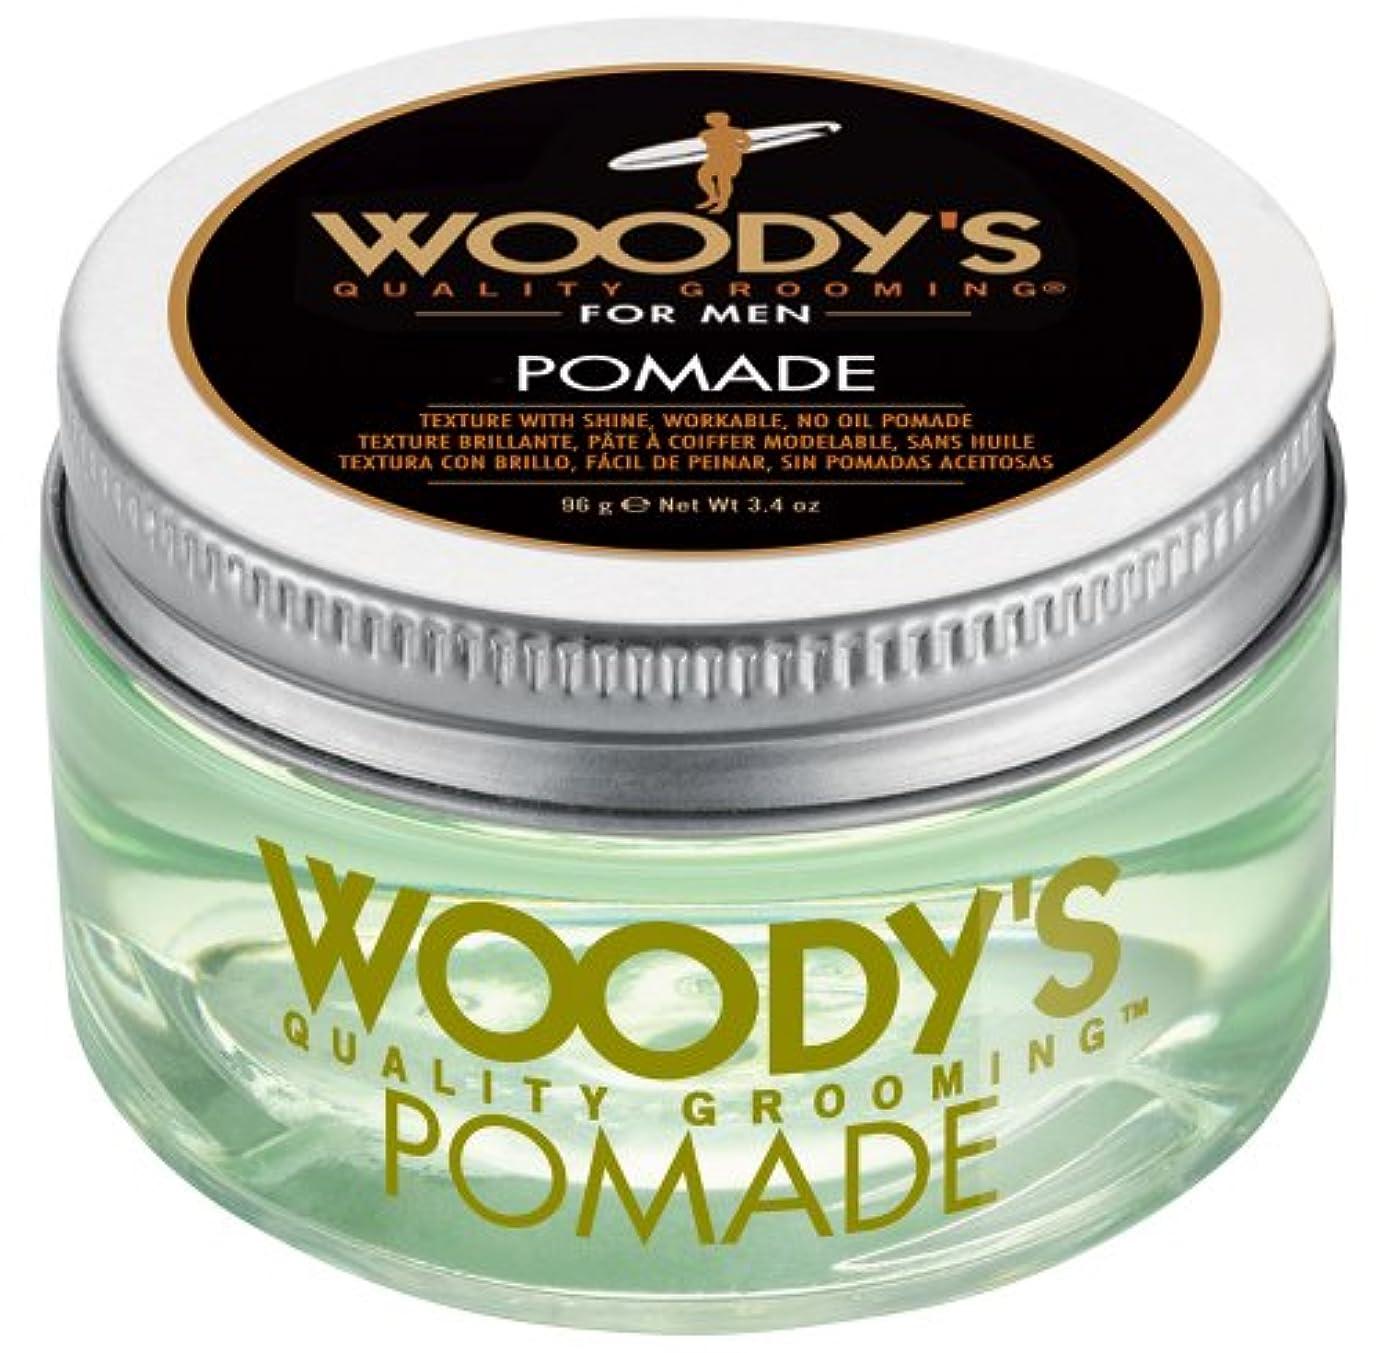 真夜中症状一般的なWoody's Pomade for Men, Pomade, 3.4 Ounce